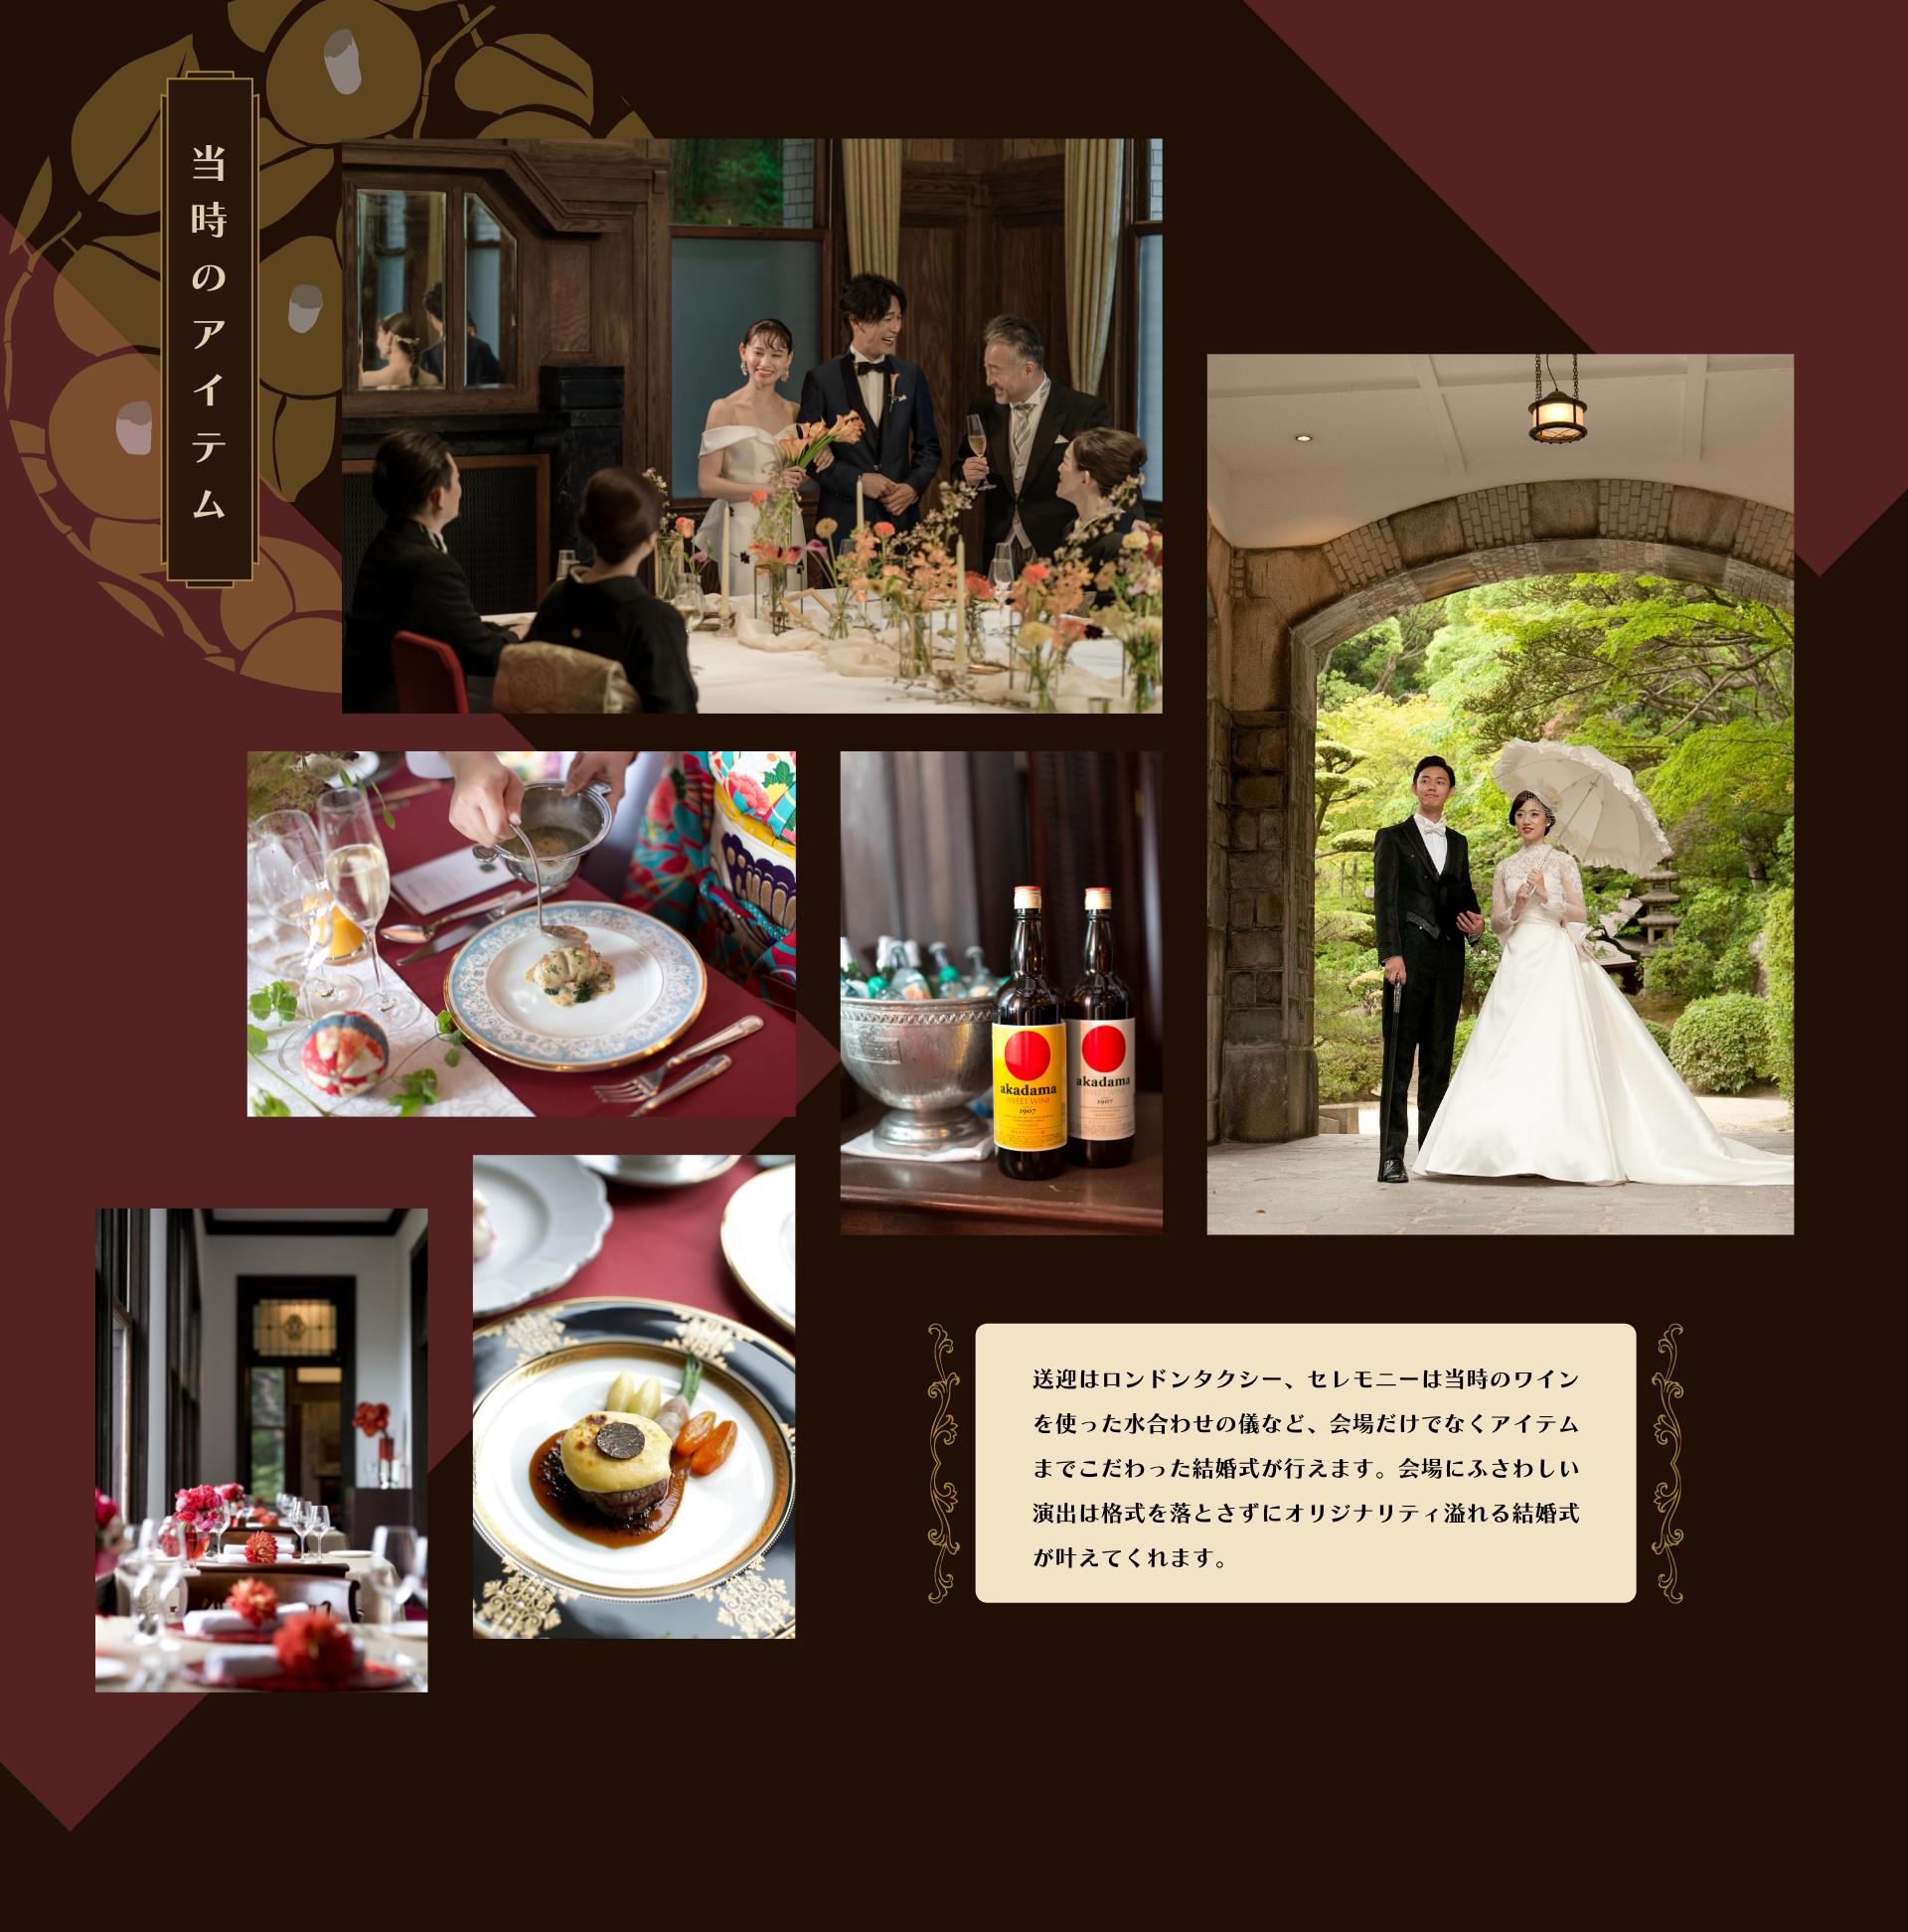 送迎はロンドンタクシー、セレモニーは当時のワインを使った水合わせの儀など、会場だけでなくアイテムまでこだわった結婚式が行えます。会場にふさわしい演出は格式を落とさずにオリジナリティ溢れる結婚式が叶えてくれます。